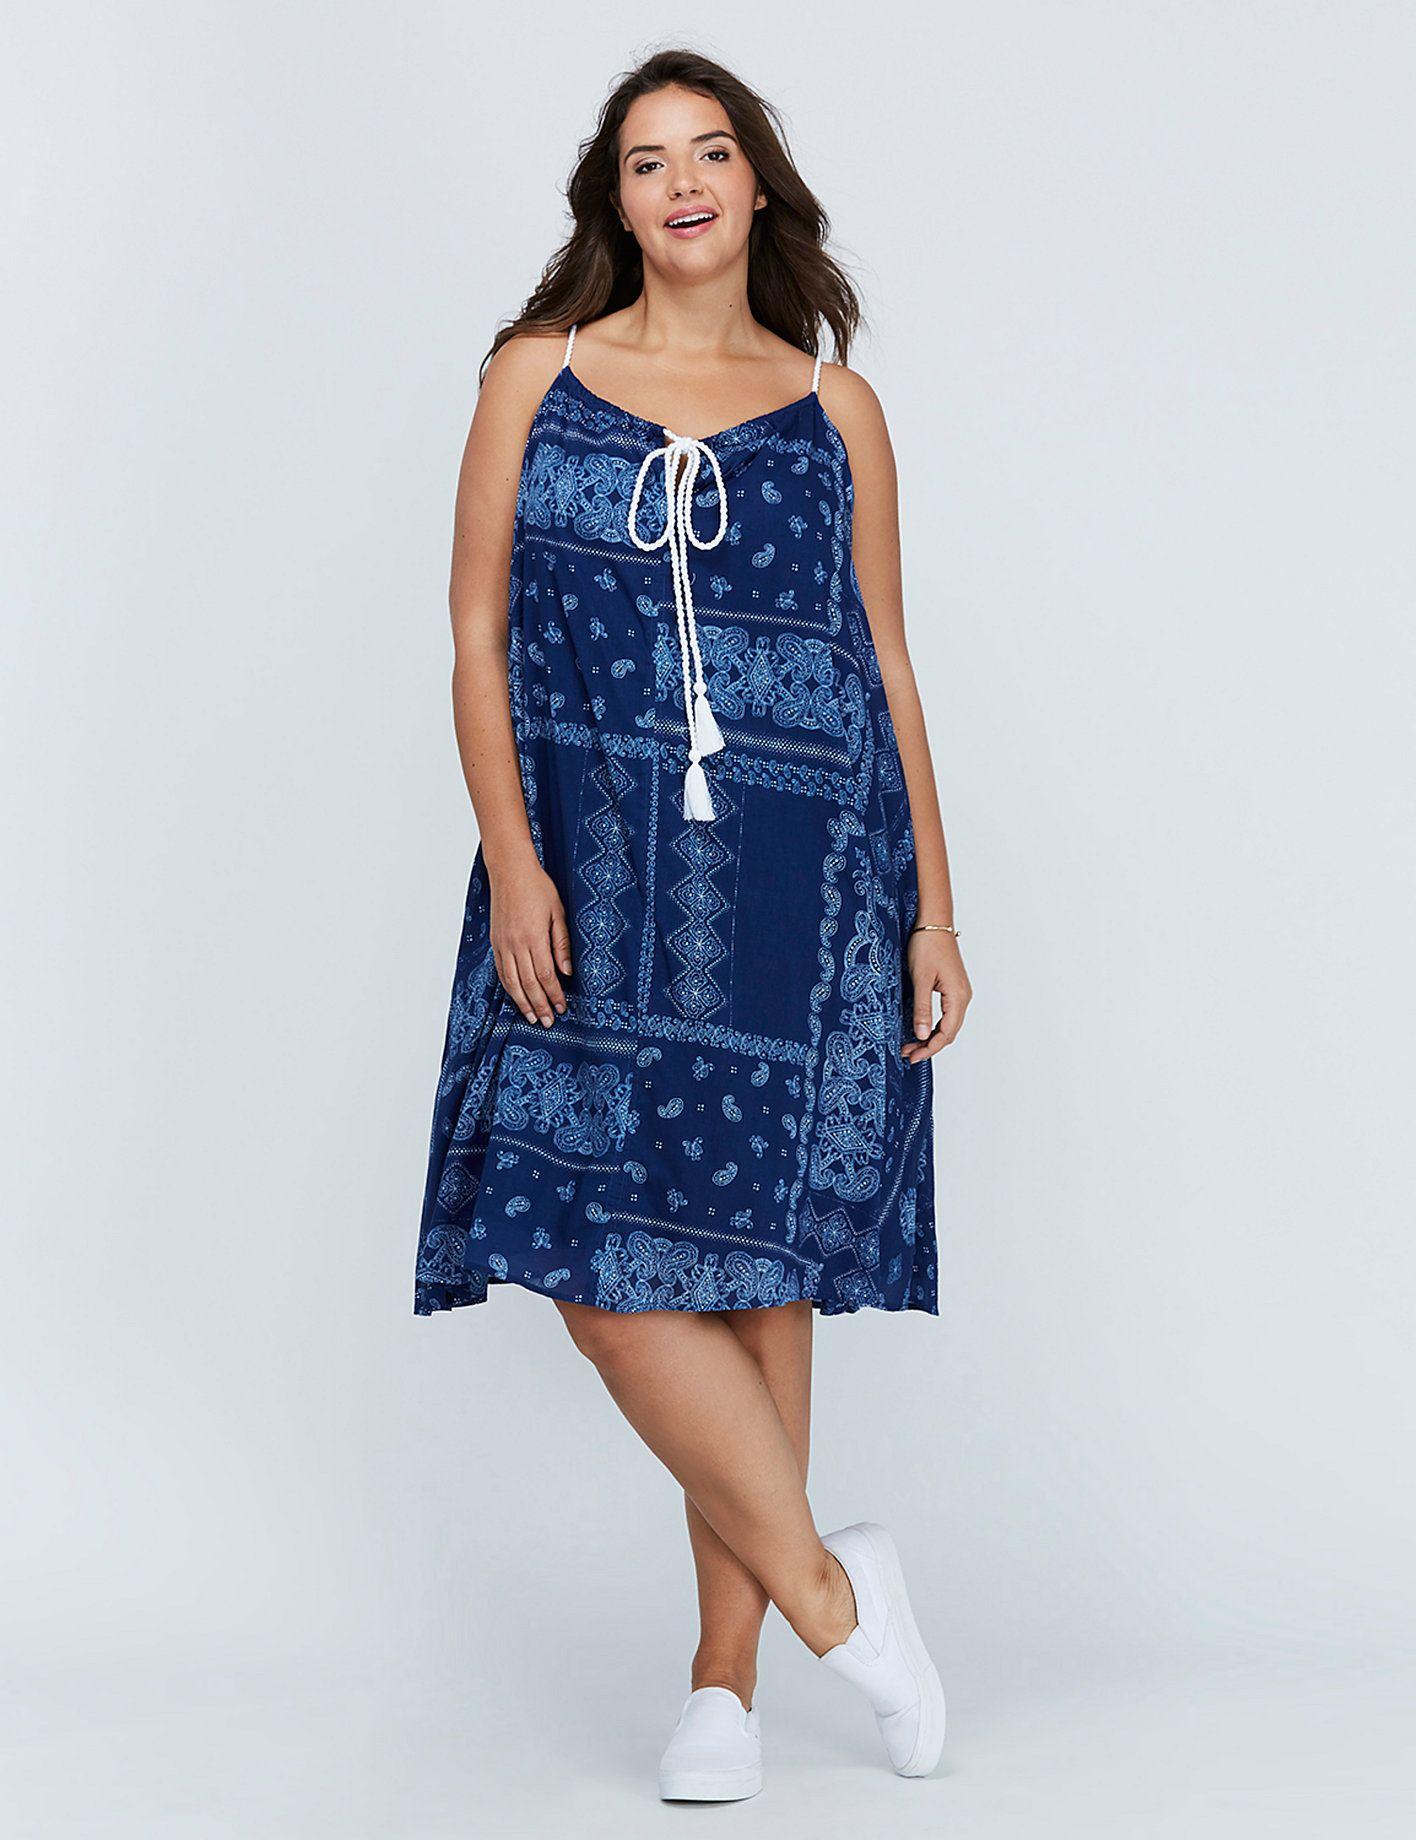 Shop Plus Size Dresses Sizes 14 28 Lane Bryant Emma Sanders